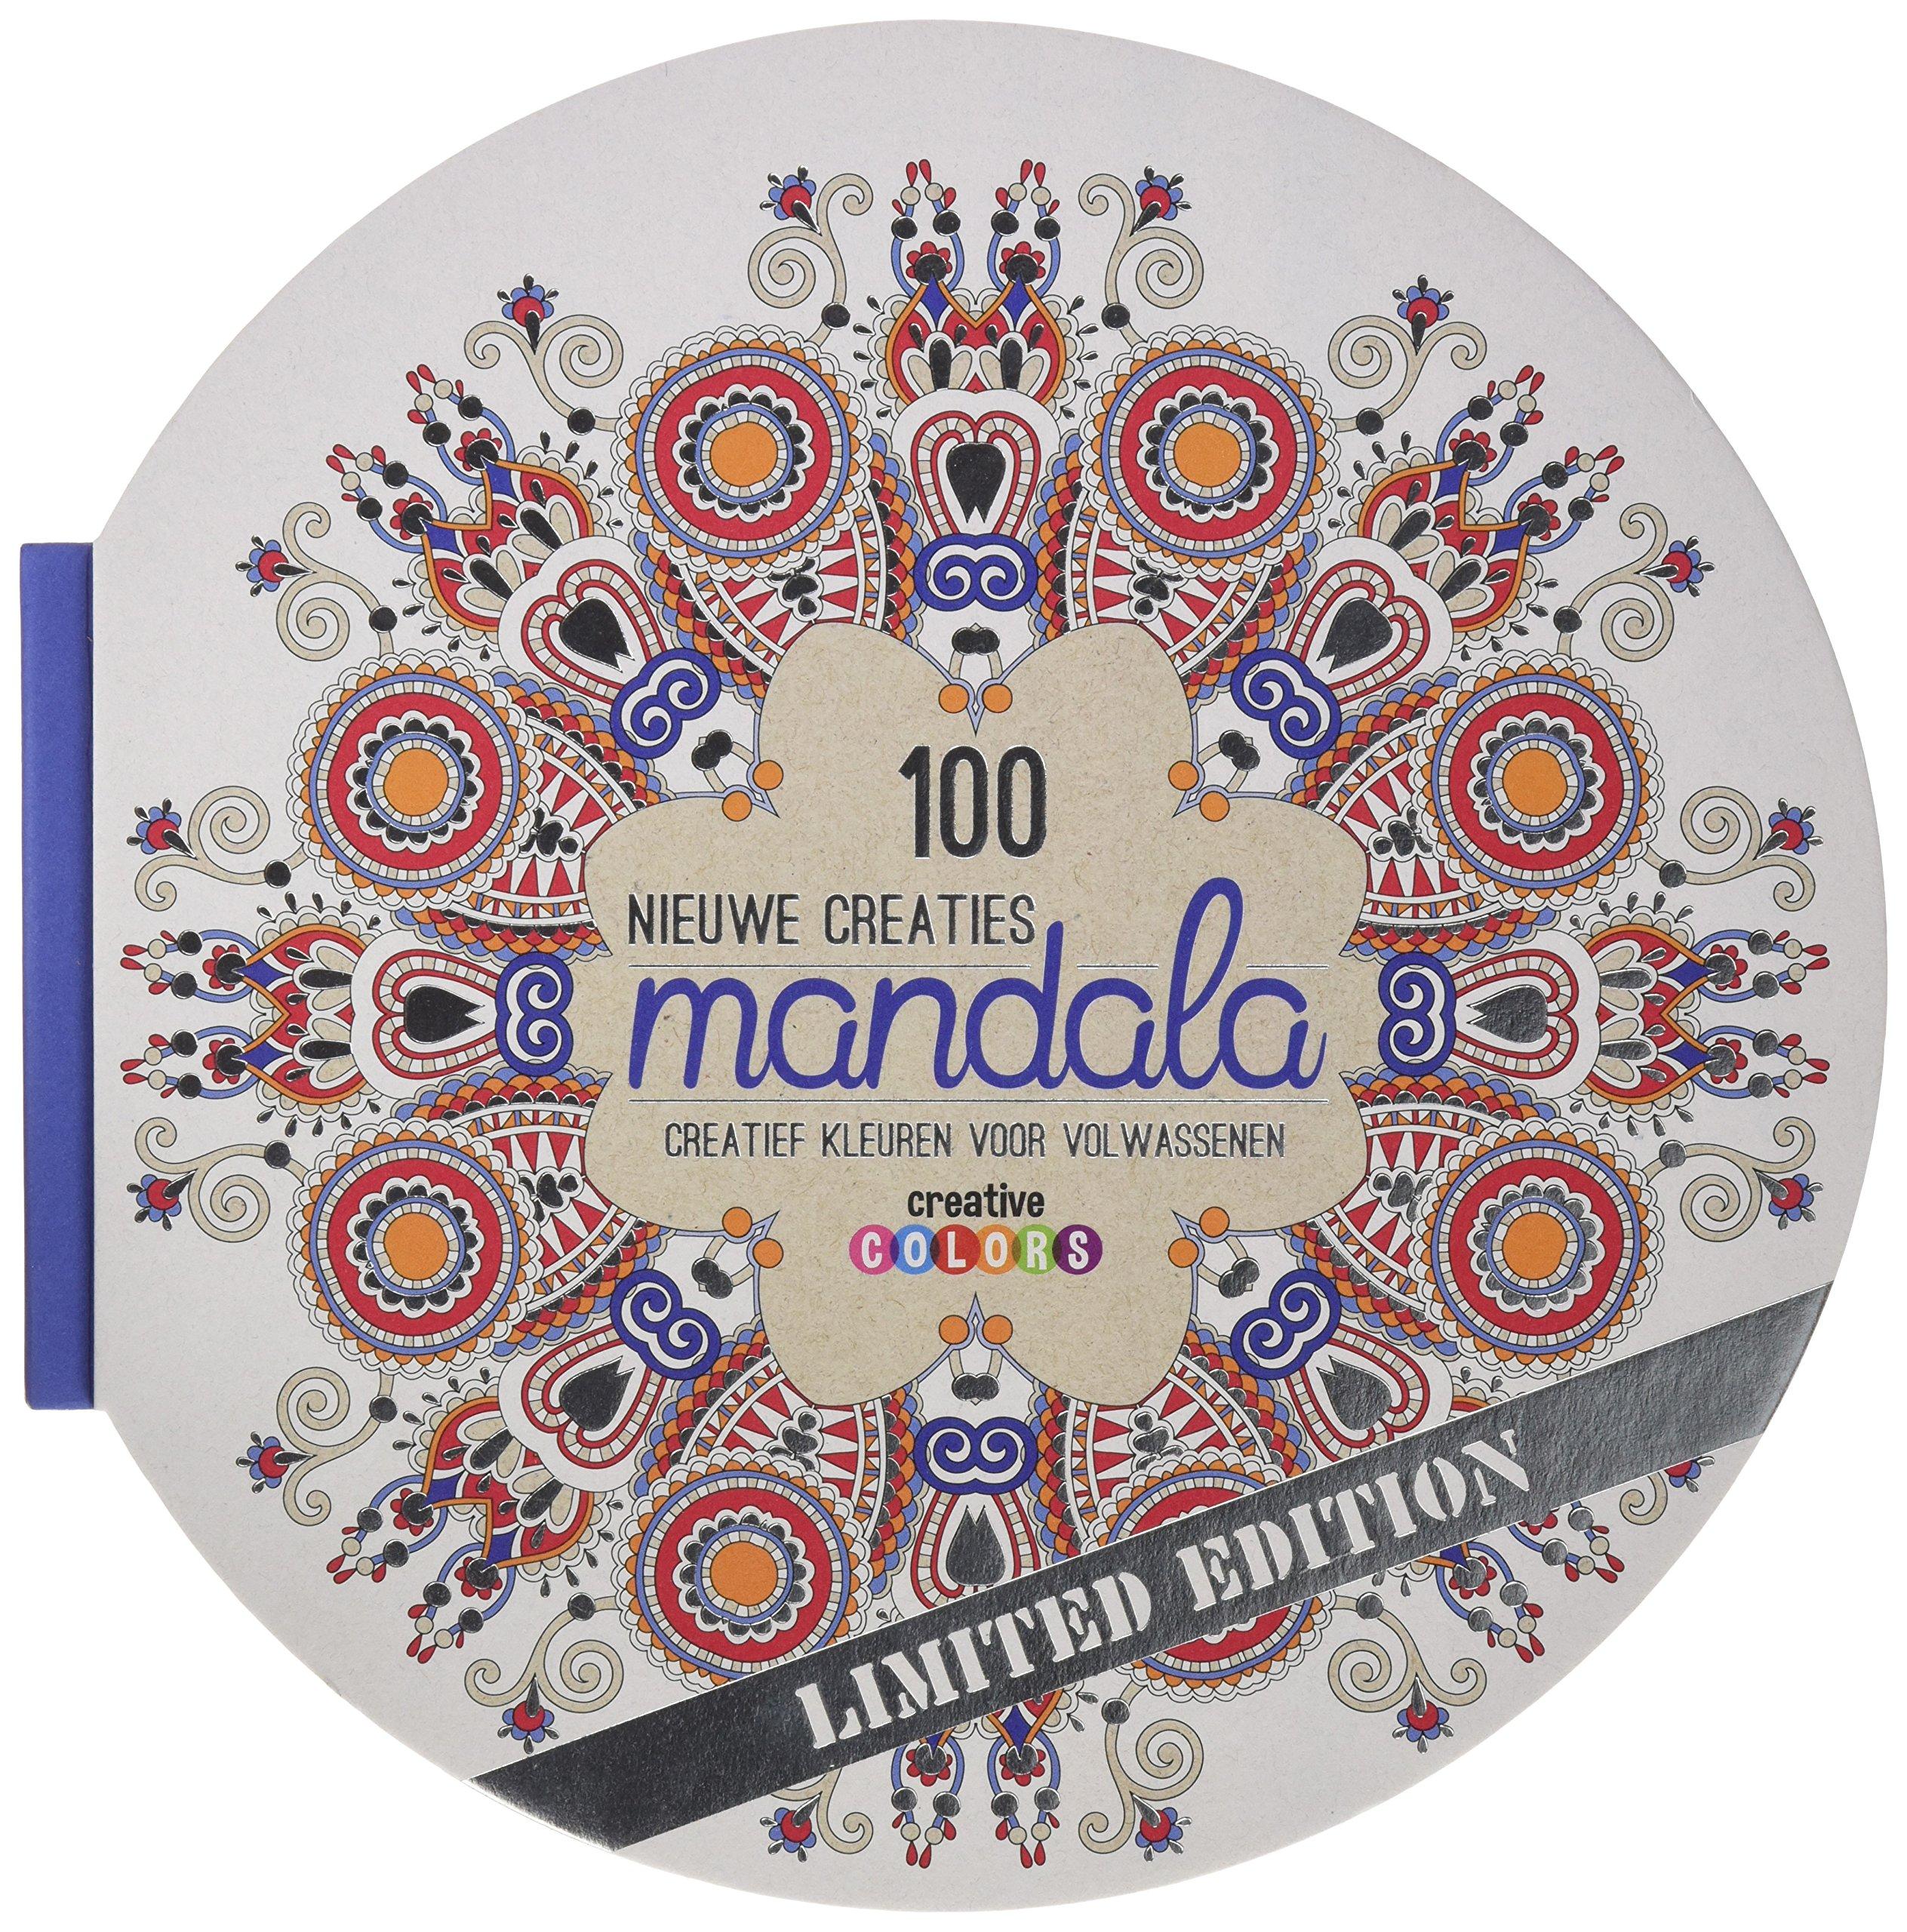 Goede 100 nieuwe creaties mandala: NVT: 9789461887726: Amazon.com: Books ER-13